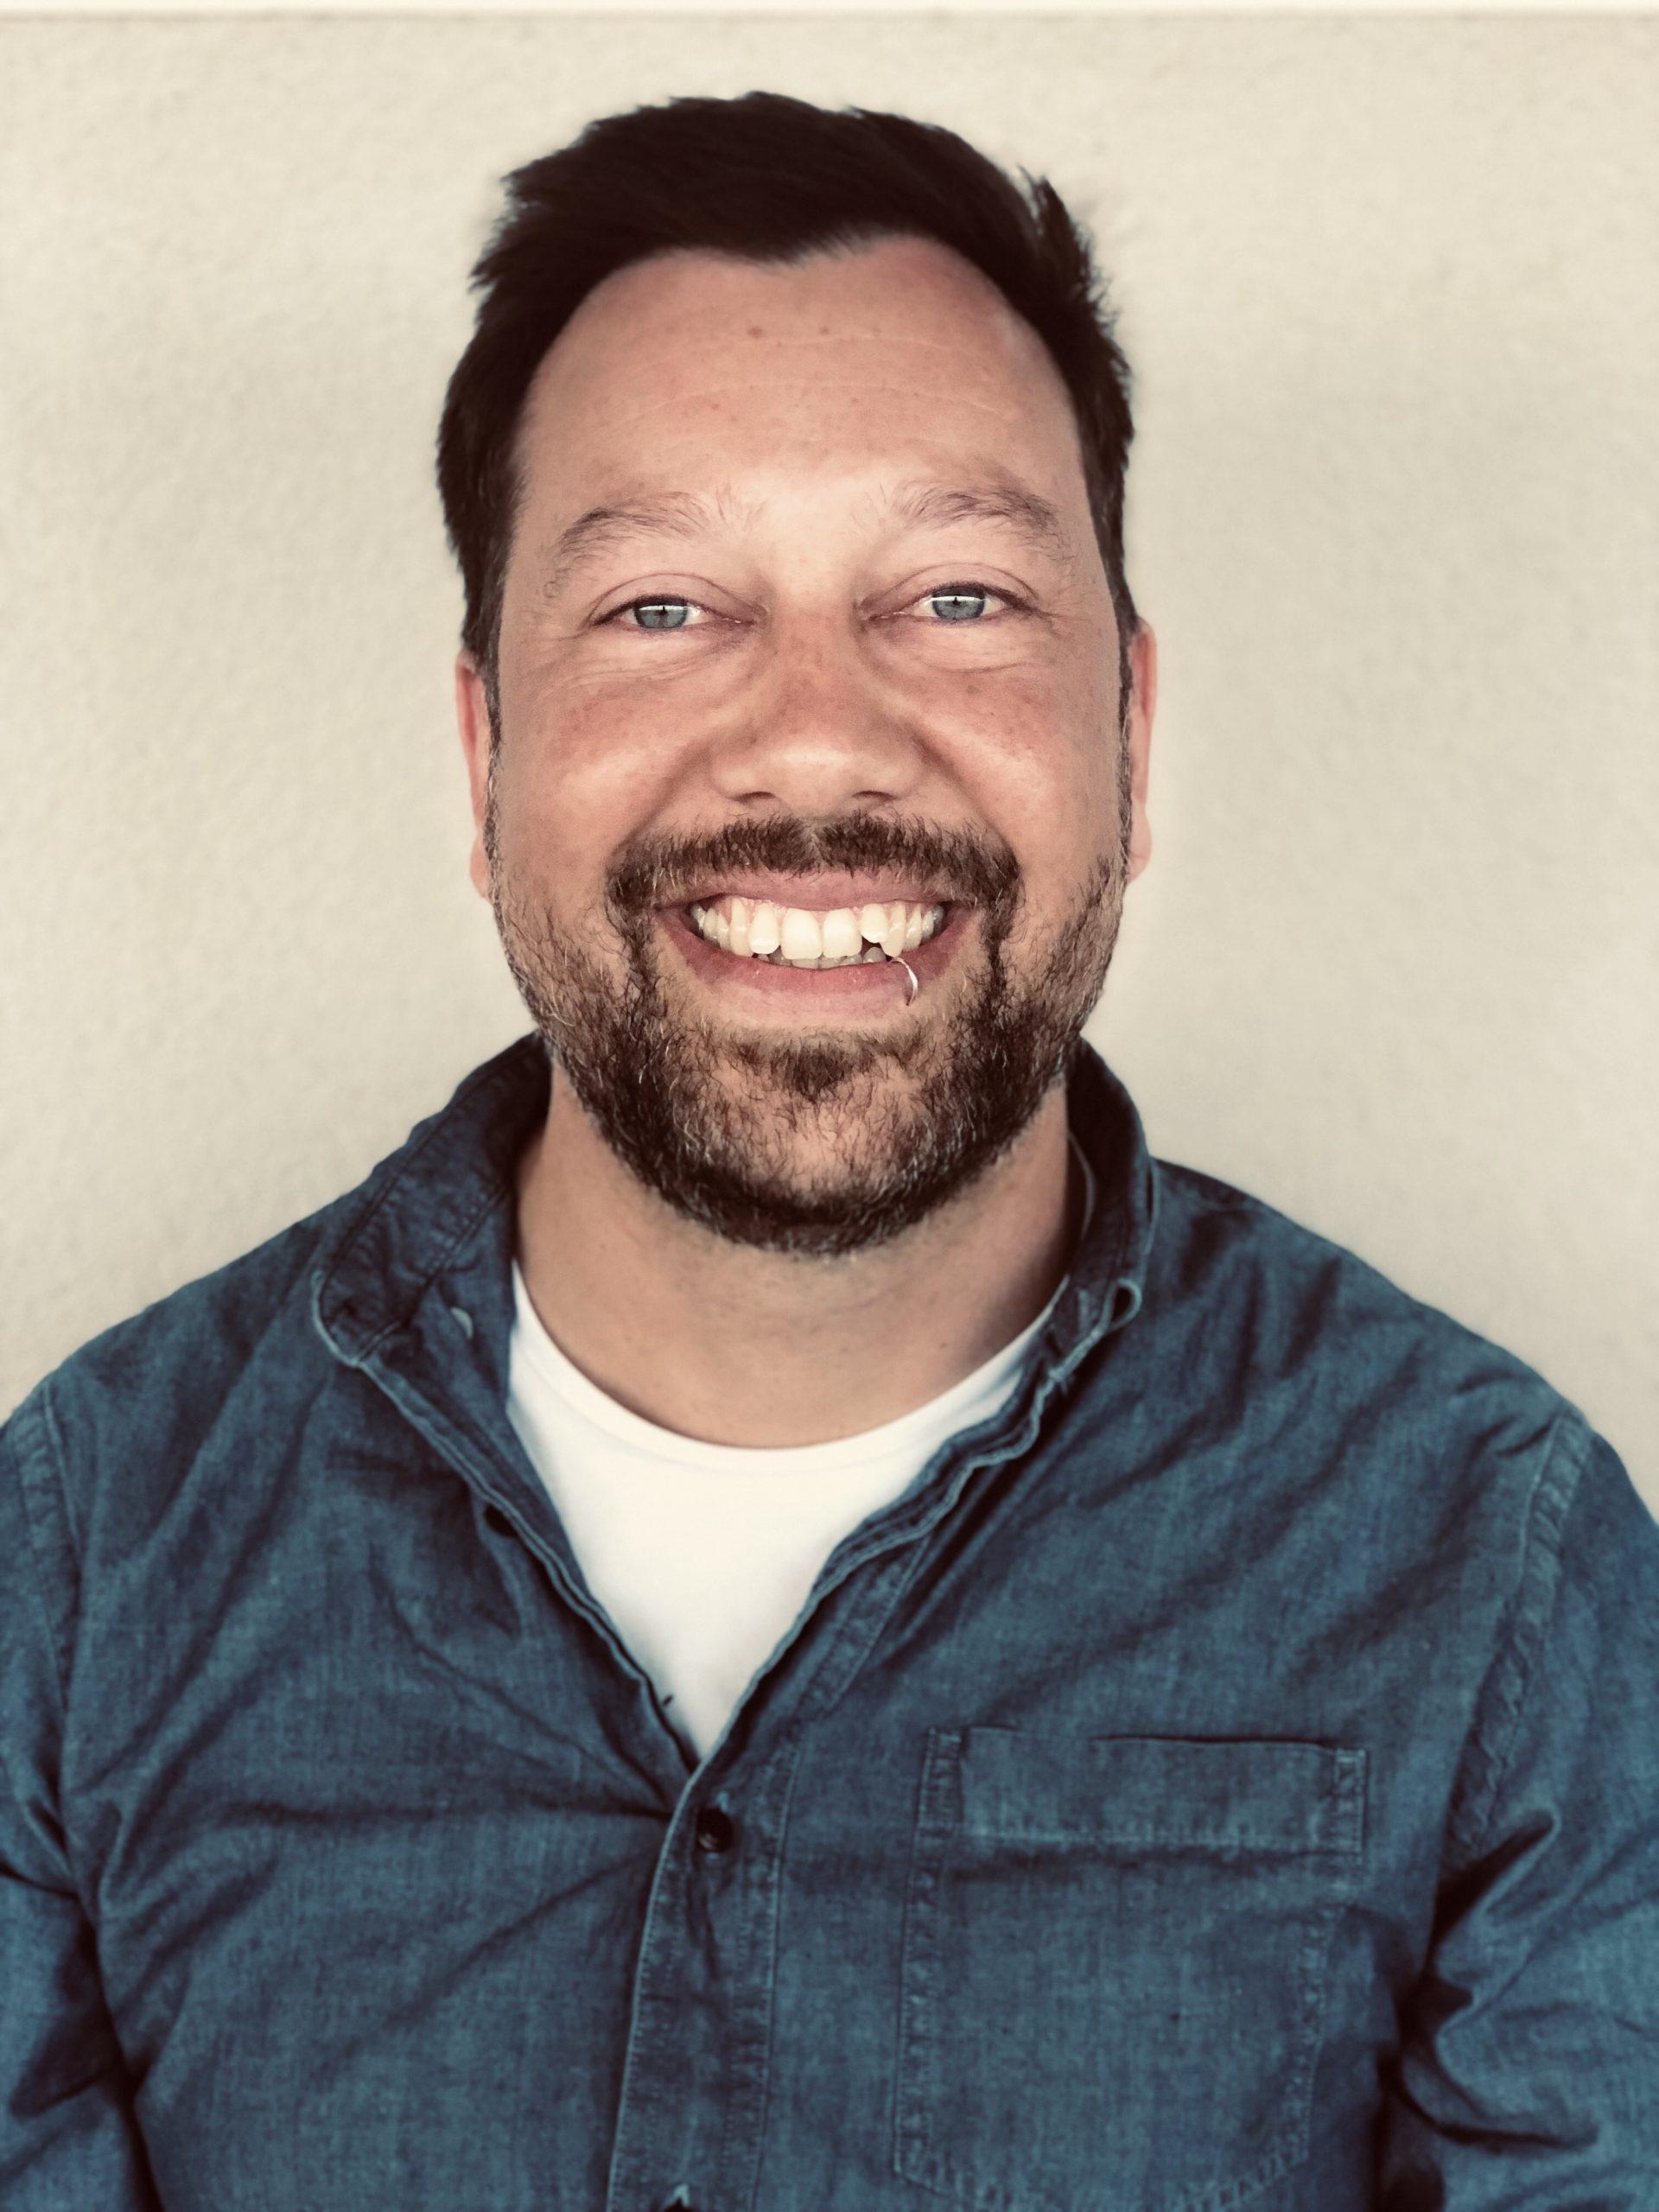 portrait of Finegan Kruckemeyer